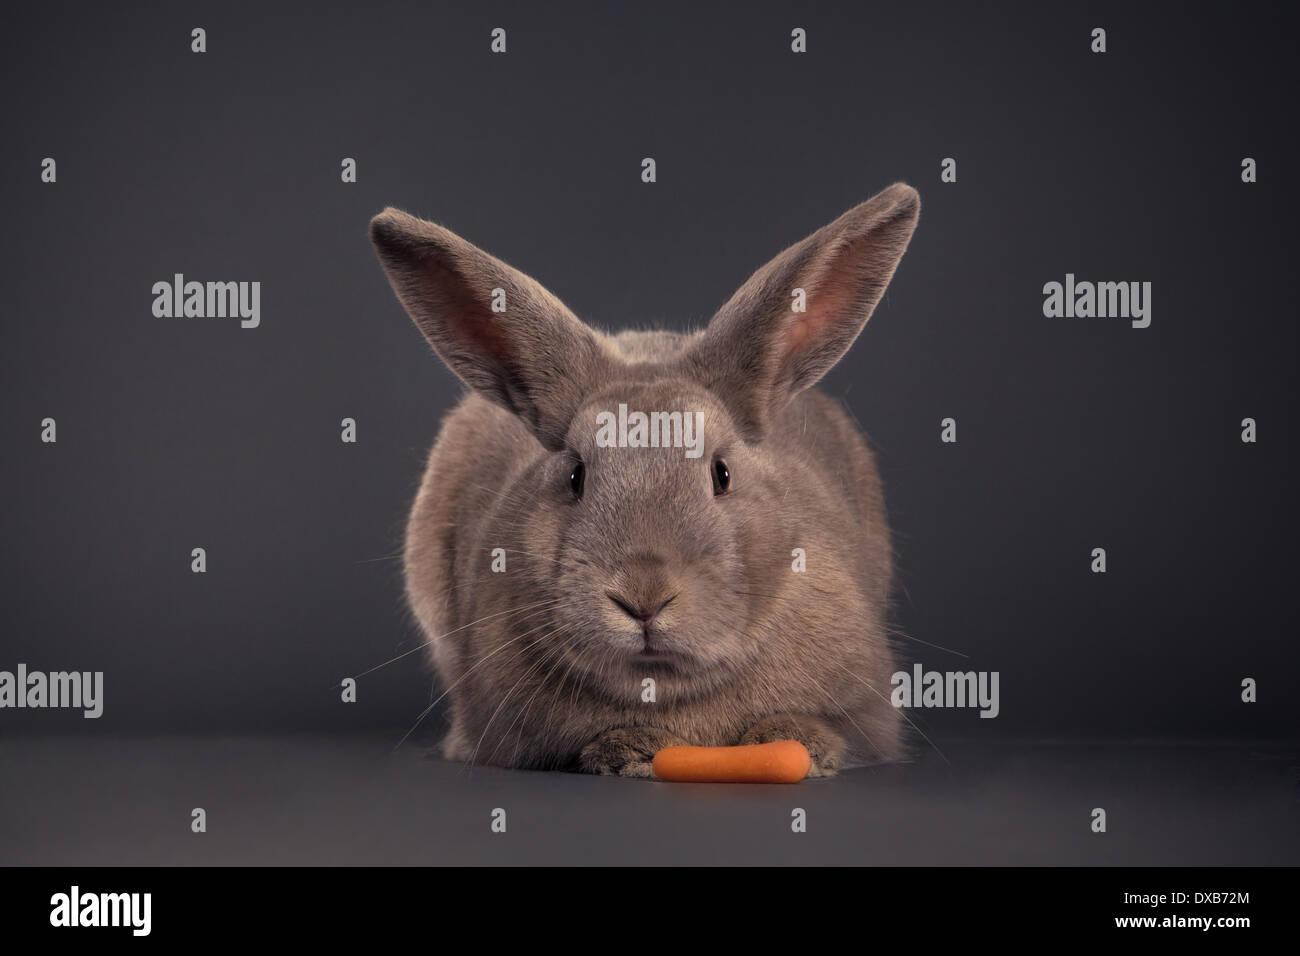 Conejo ante la cámara con la zanahoria. Imagen De Stock